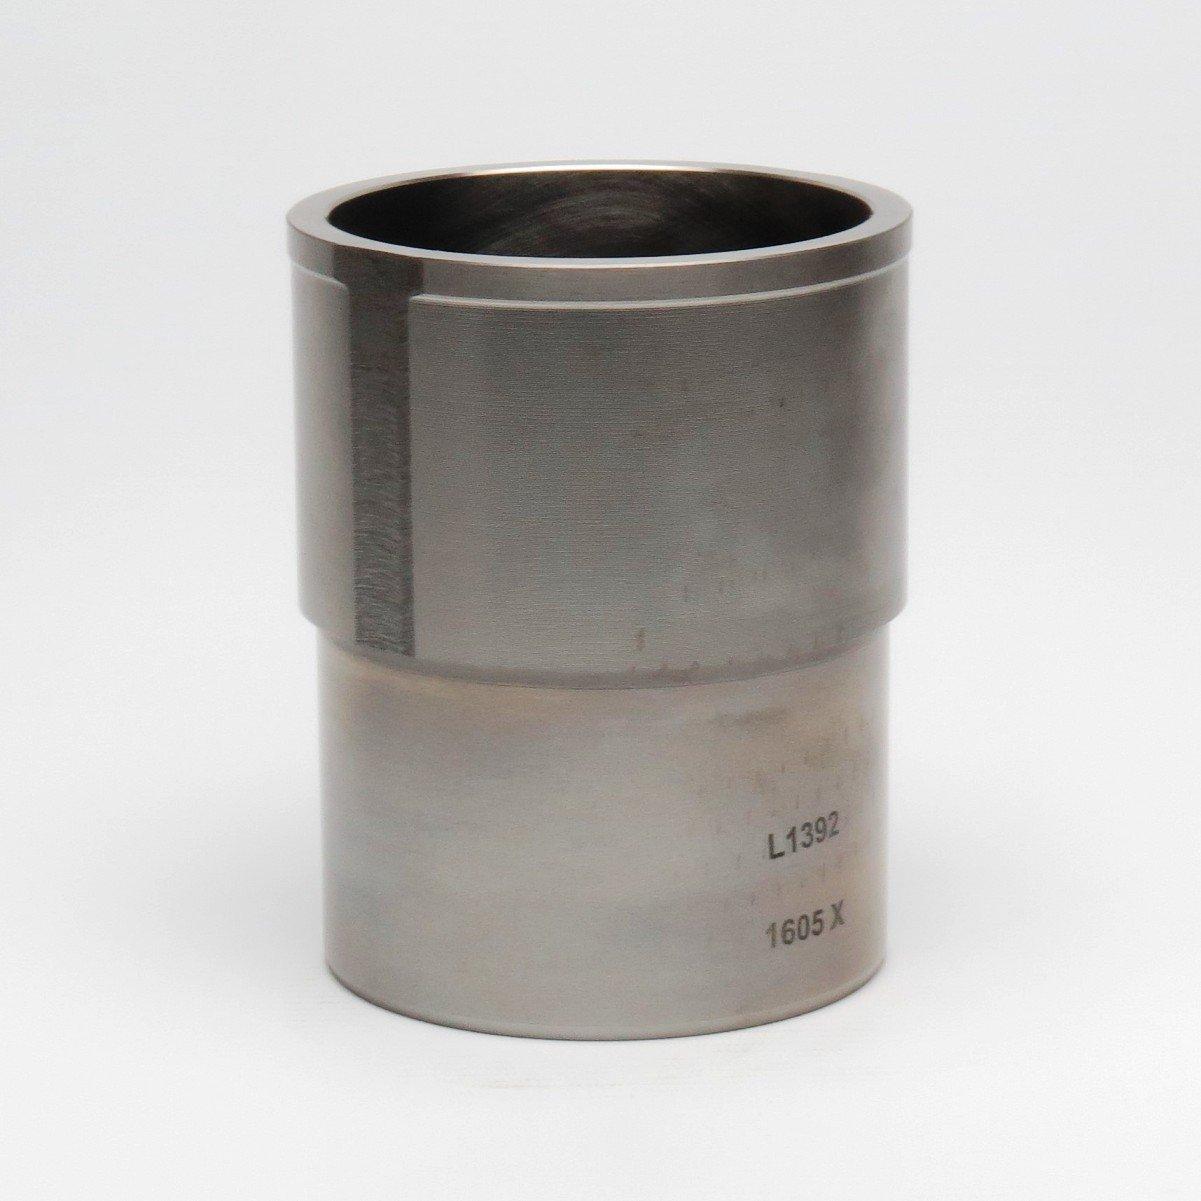 L 1392 - Cylinder Repair Liner